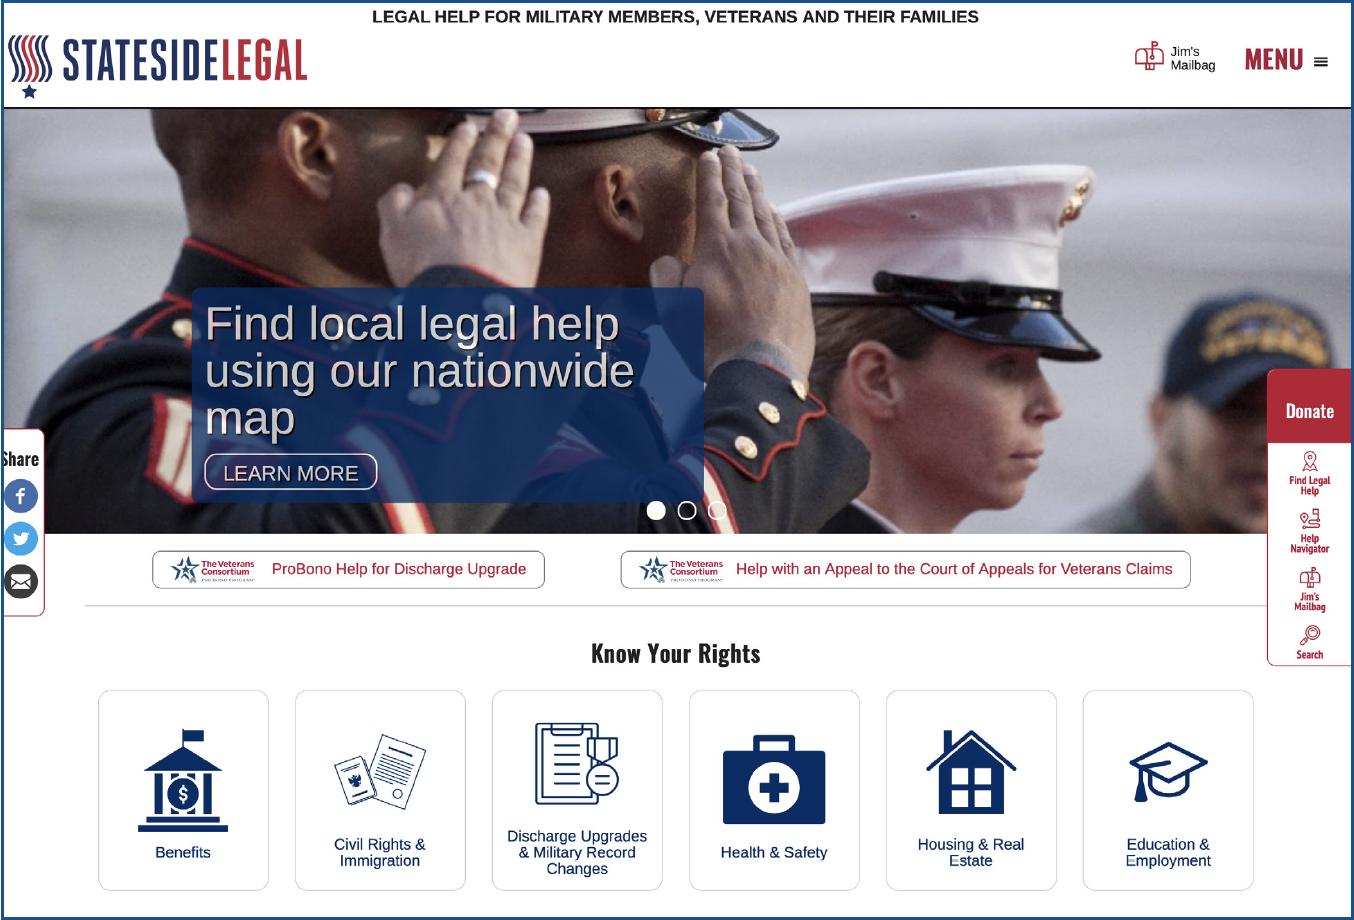 StatesideLegal.org